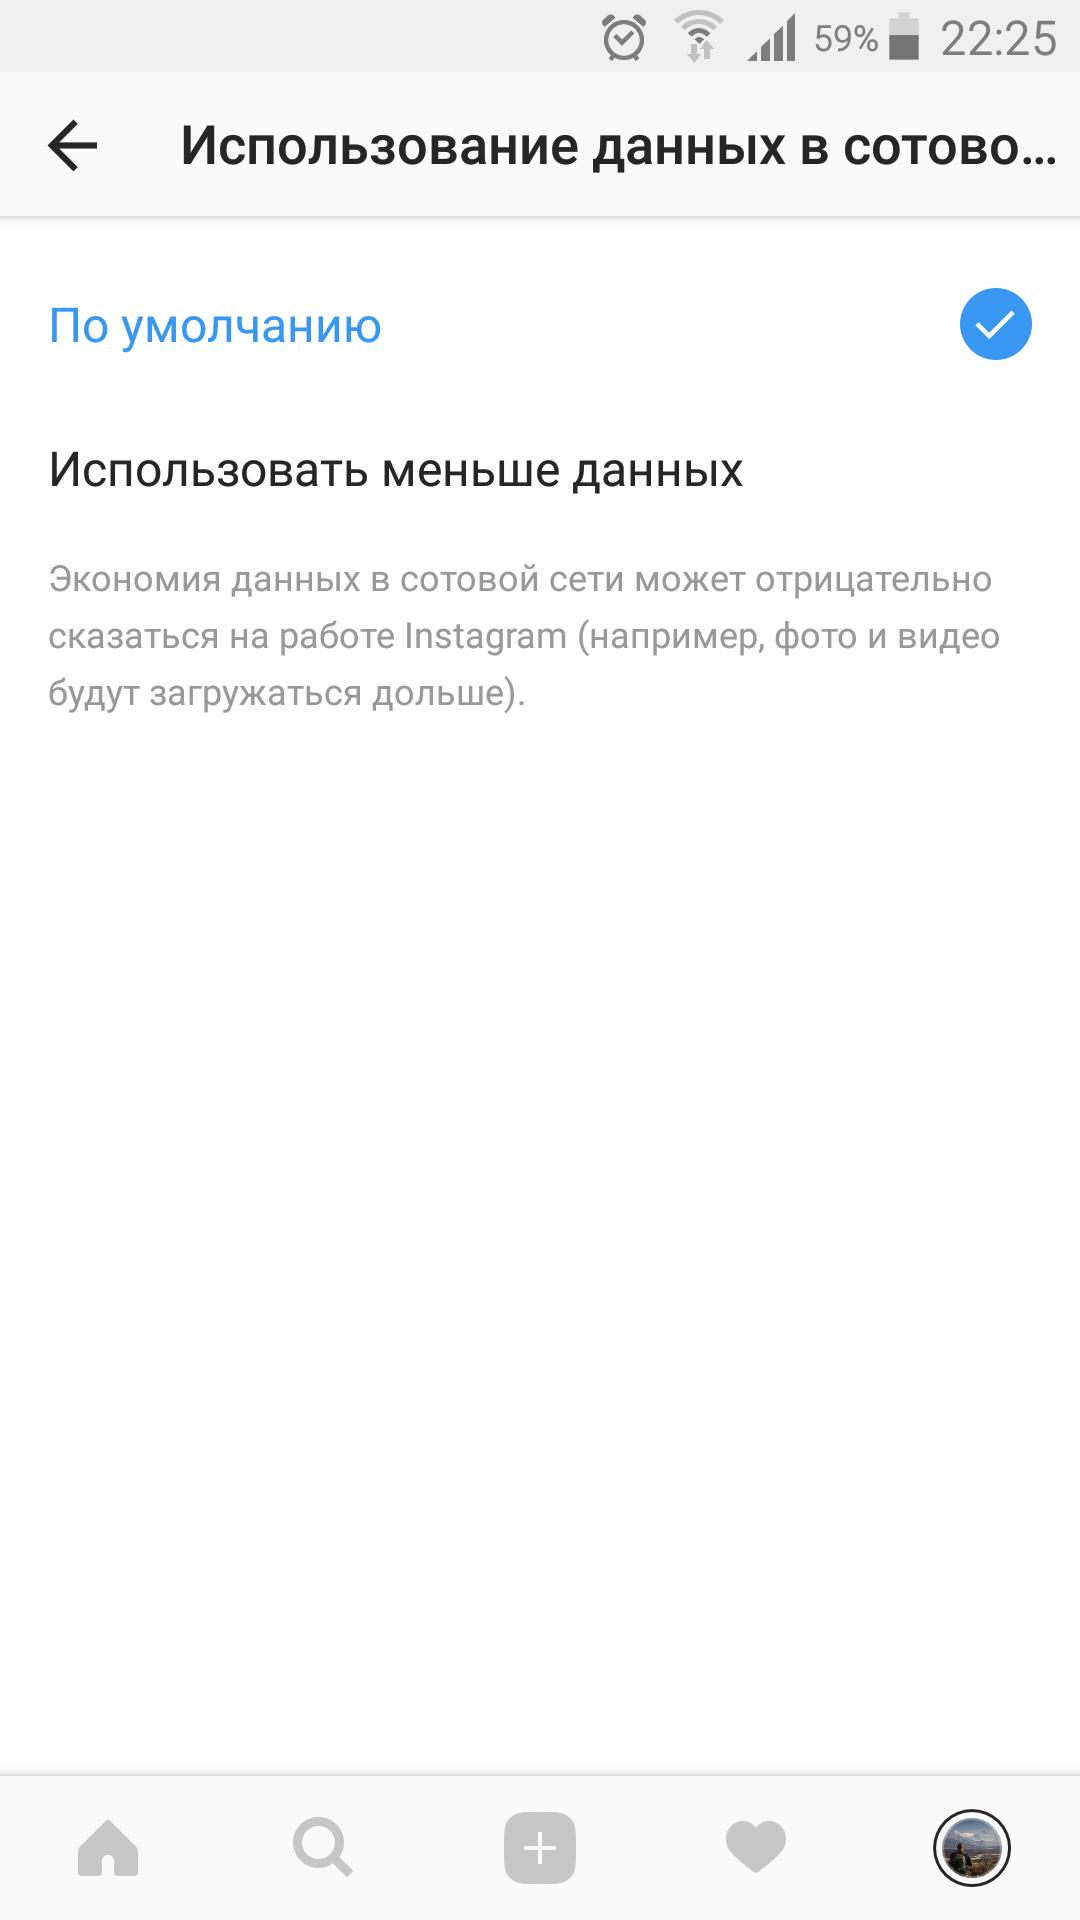 как посмотреть аватарку пользователя в instagram полностью